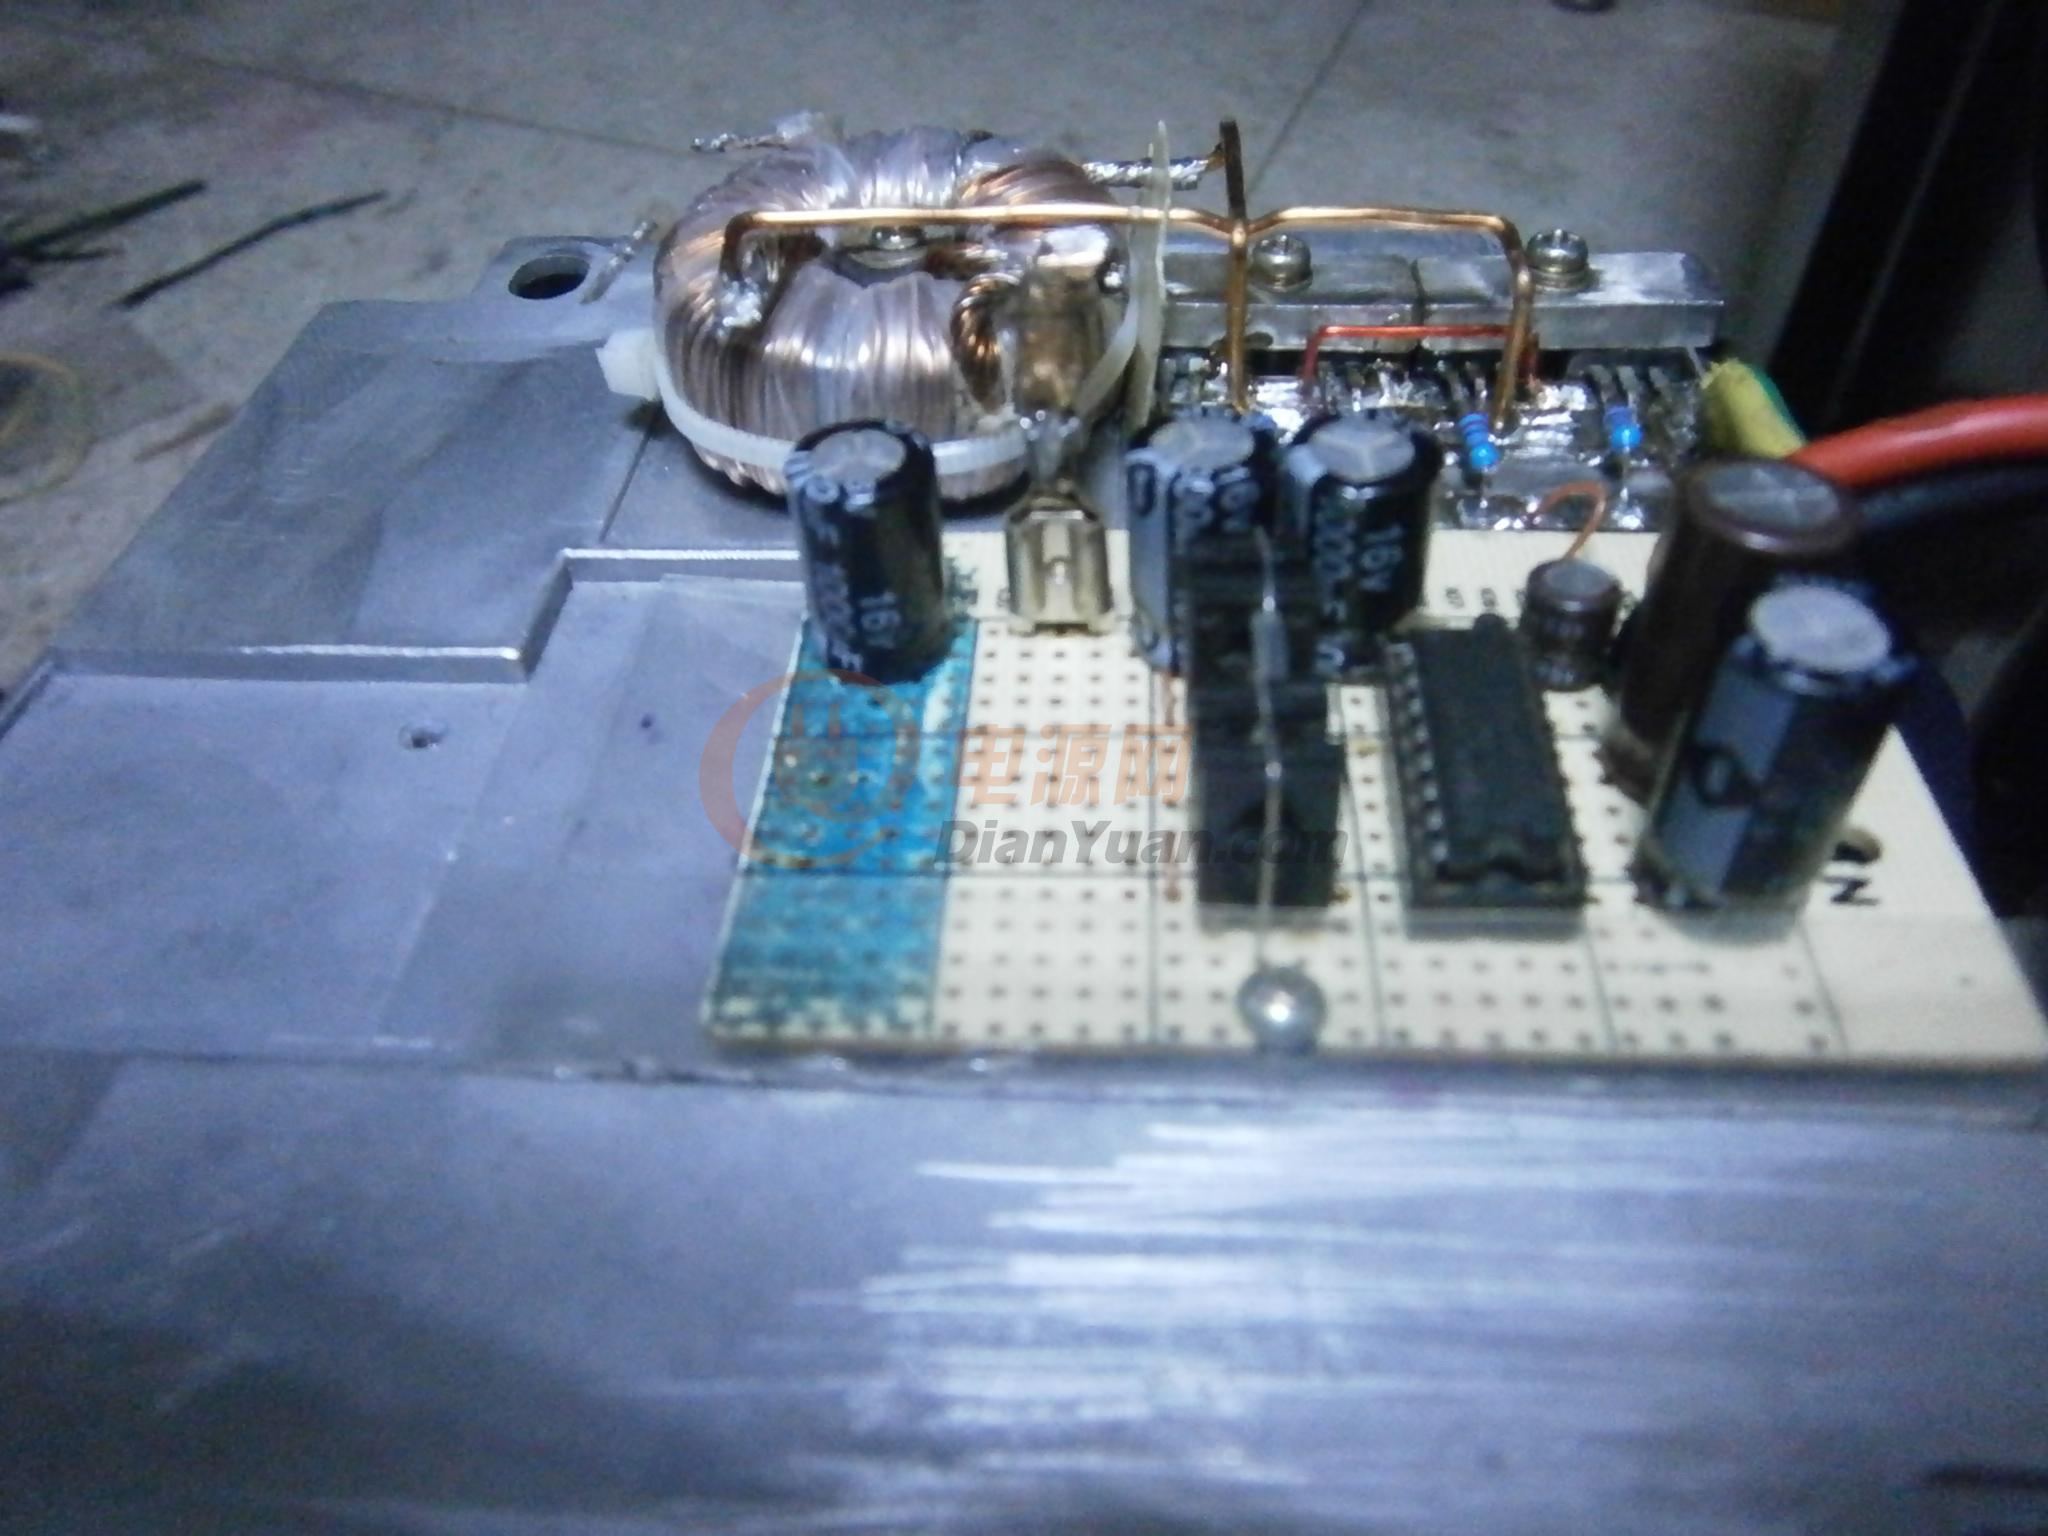 又翻出了一块lm3886正好做全分立件地方有点放不下,由它来推动MI15022/23试试如何,暂时没接功放管,直接用3886带4欧的低音音箱再接一个全频(串20ufcbb电容)试了一会儿,最大输出有15.6v基本上与其说明书所标功率符合,但明显感觉有失真,且发热严重,偶尔有瞬间关断保护,这可能与负载阻抗太小有一定关系,电源不成功,60多瓦输出就有5伏的晃动,看来不是线径细了,就是磁芯不行,想换成非晶芯试试一会先接功放管再试试。